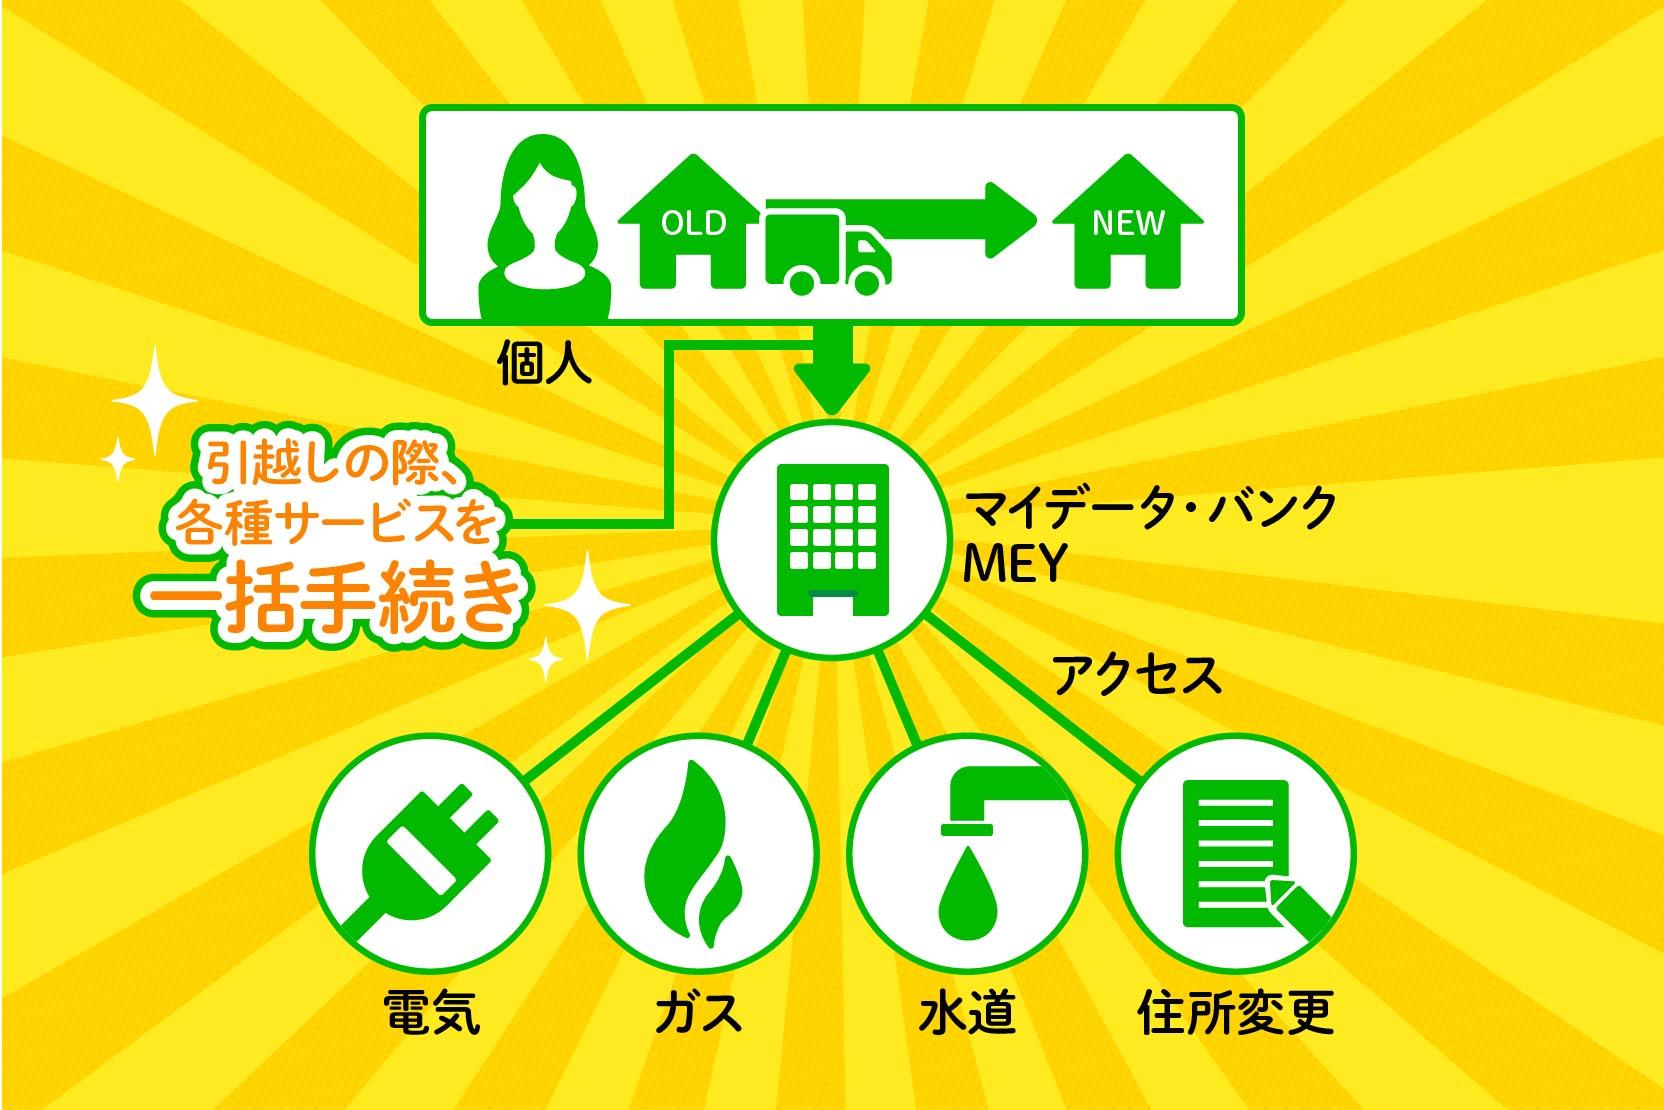 MEY_1105+_4.jpg